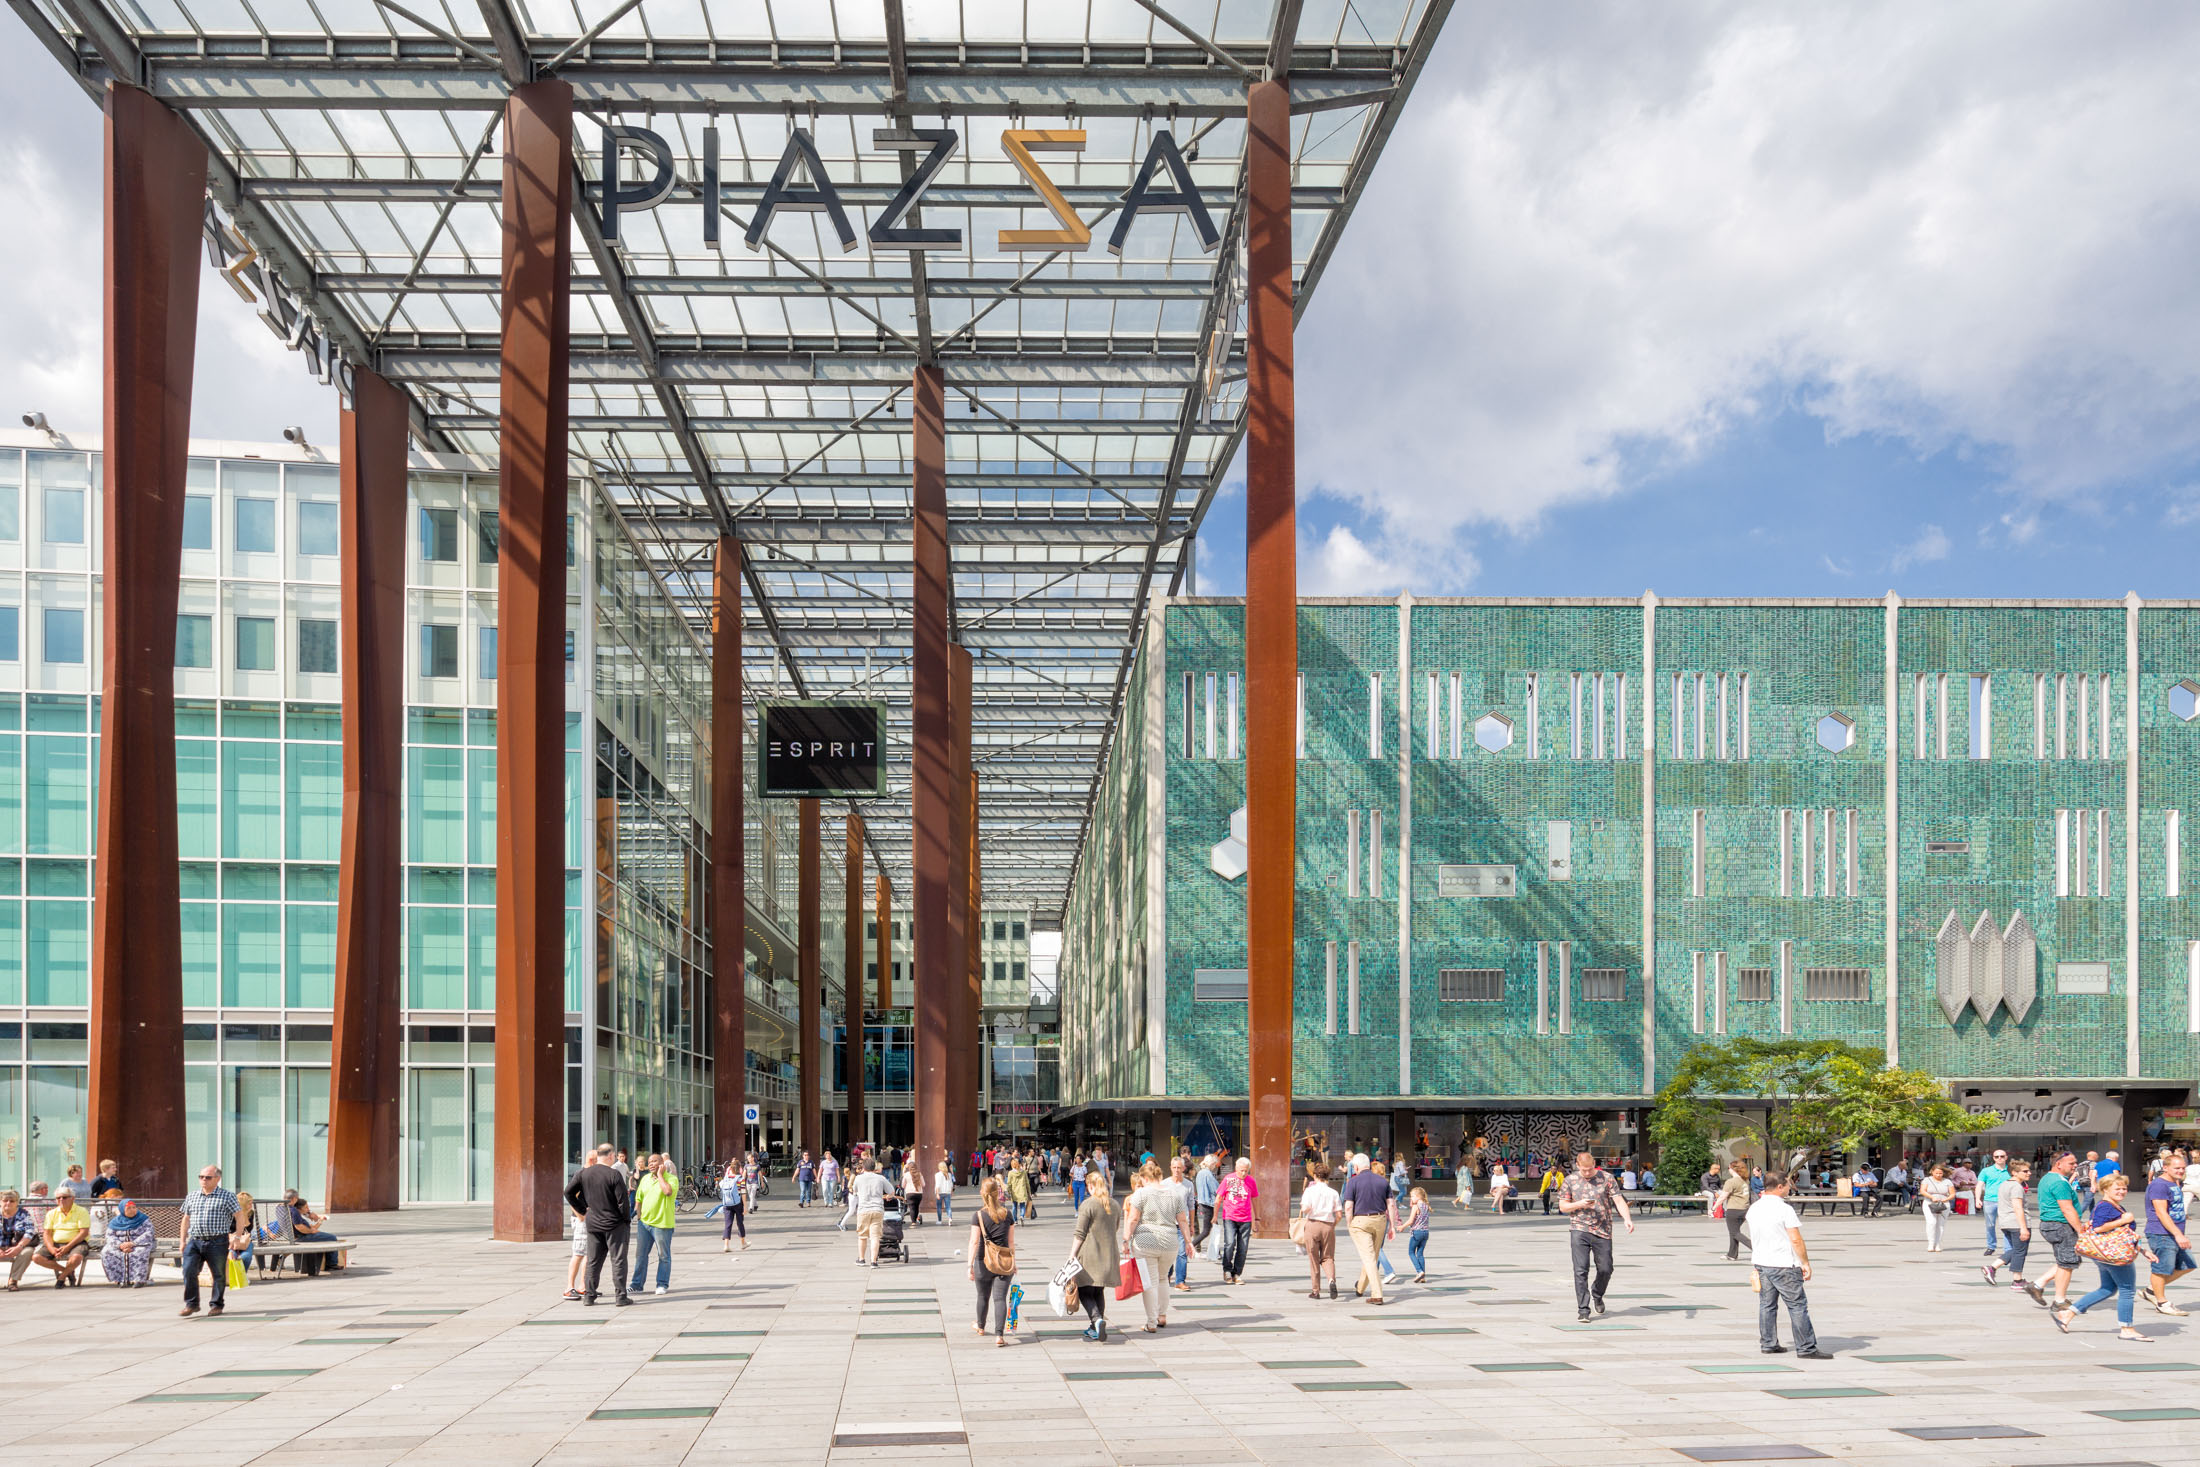 Eindhoven-Piazza-2.jpg